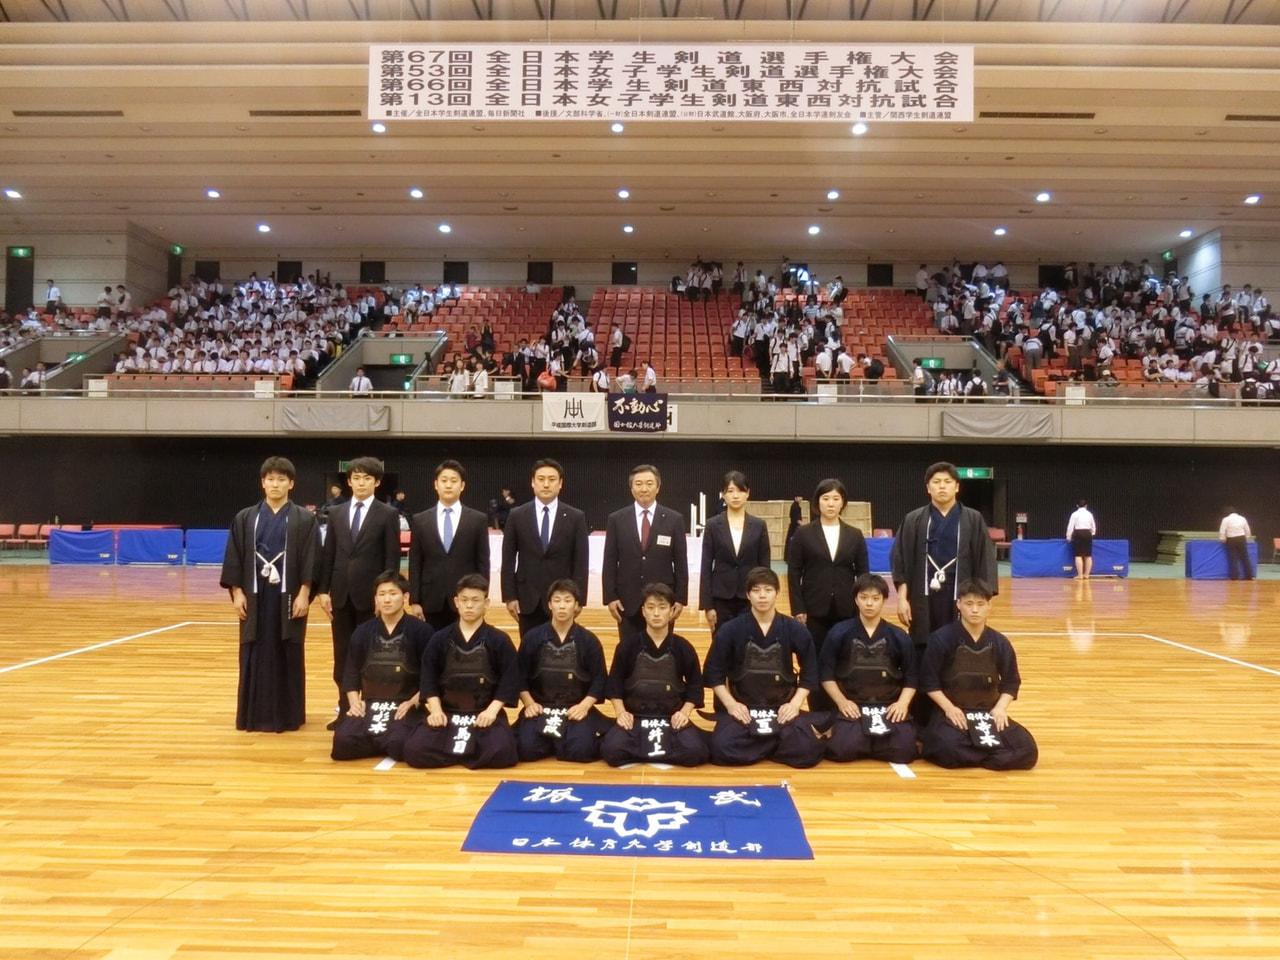 第67回全日本学生剣道選手権大会及び第66回全日本学生剣道東西対抗試合